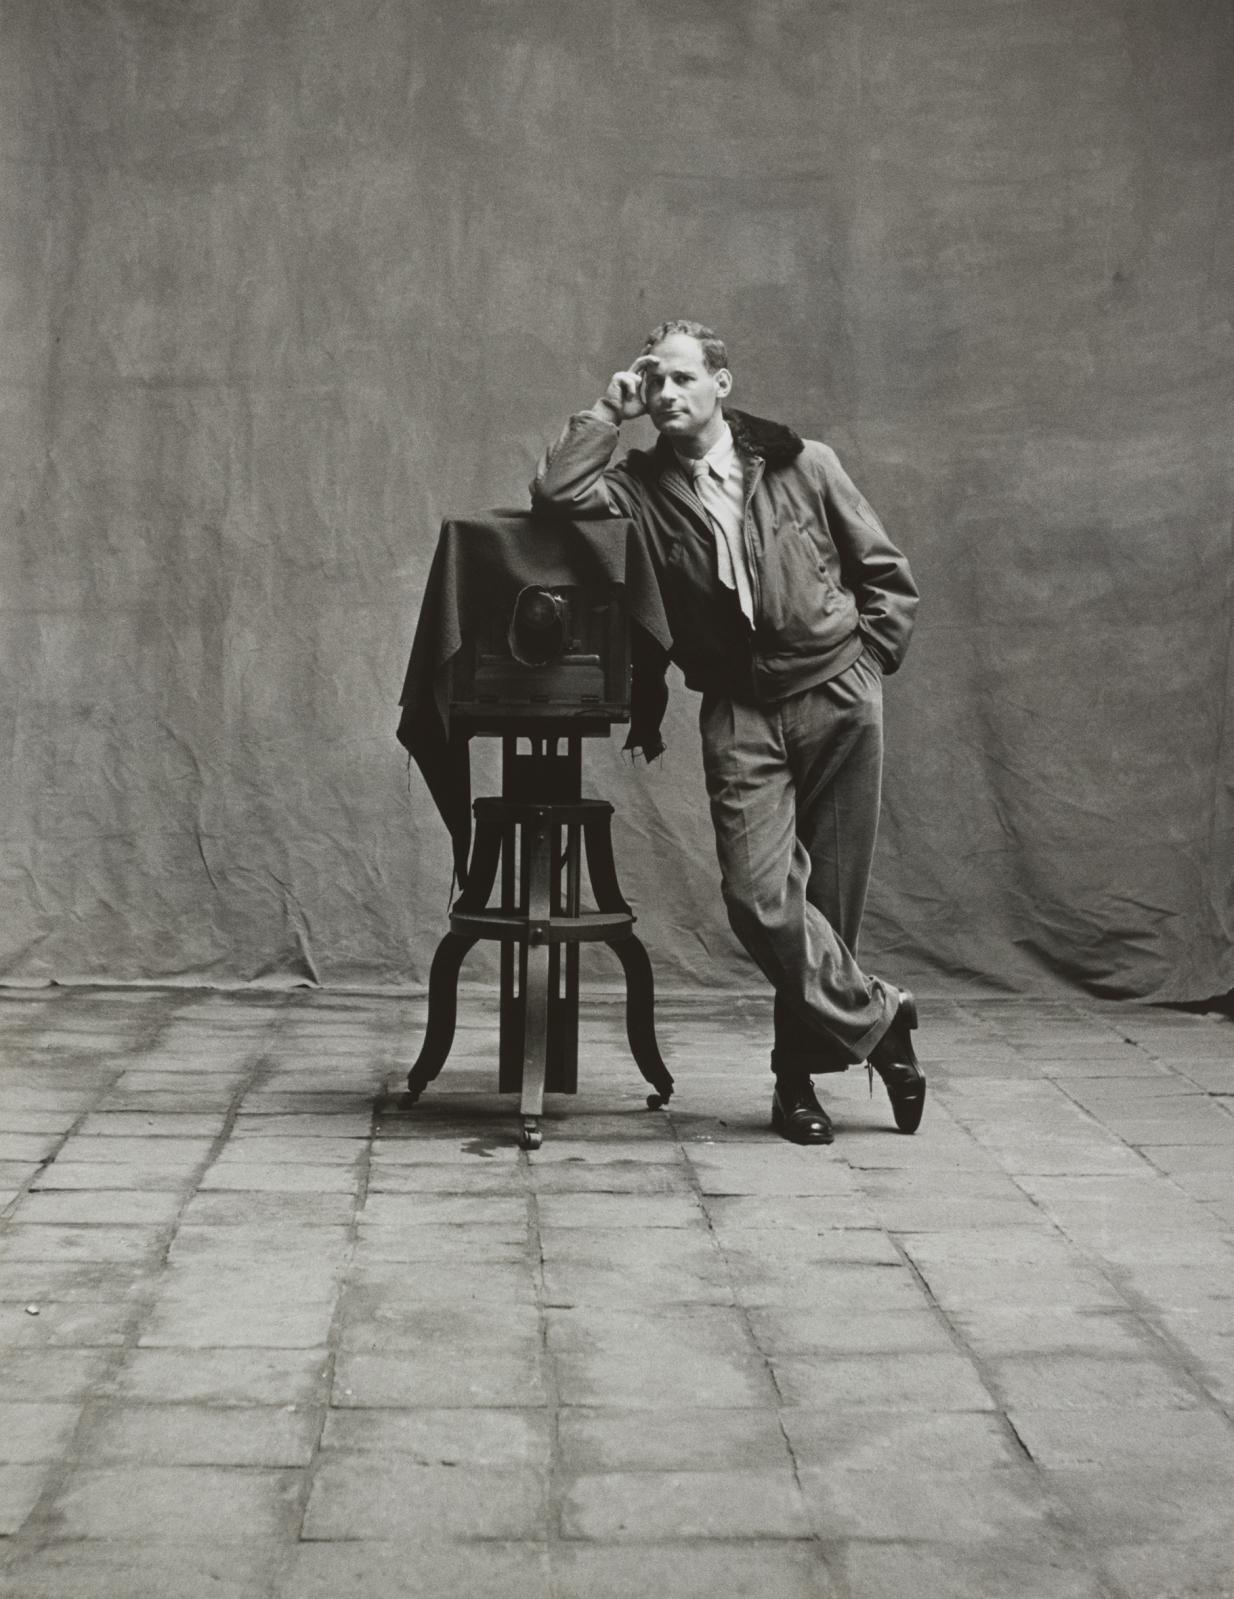 Picture of Self [Autoportrait], Cuzco, 1948, épreuve gélatino-argentique, 34X26,4cm. ©Condé Nast